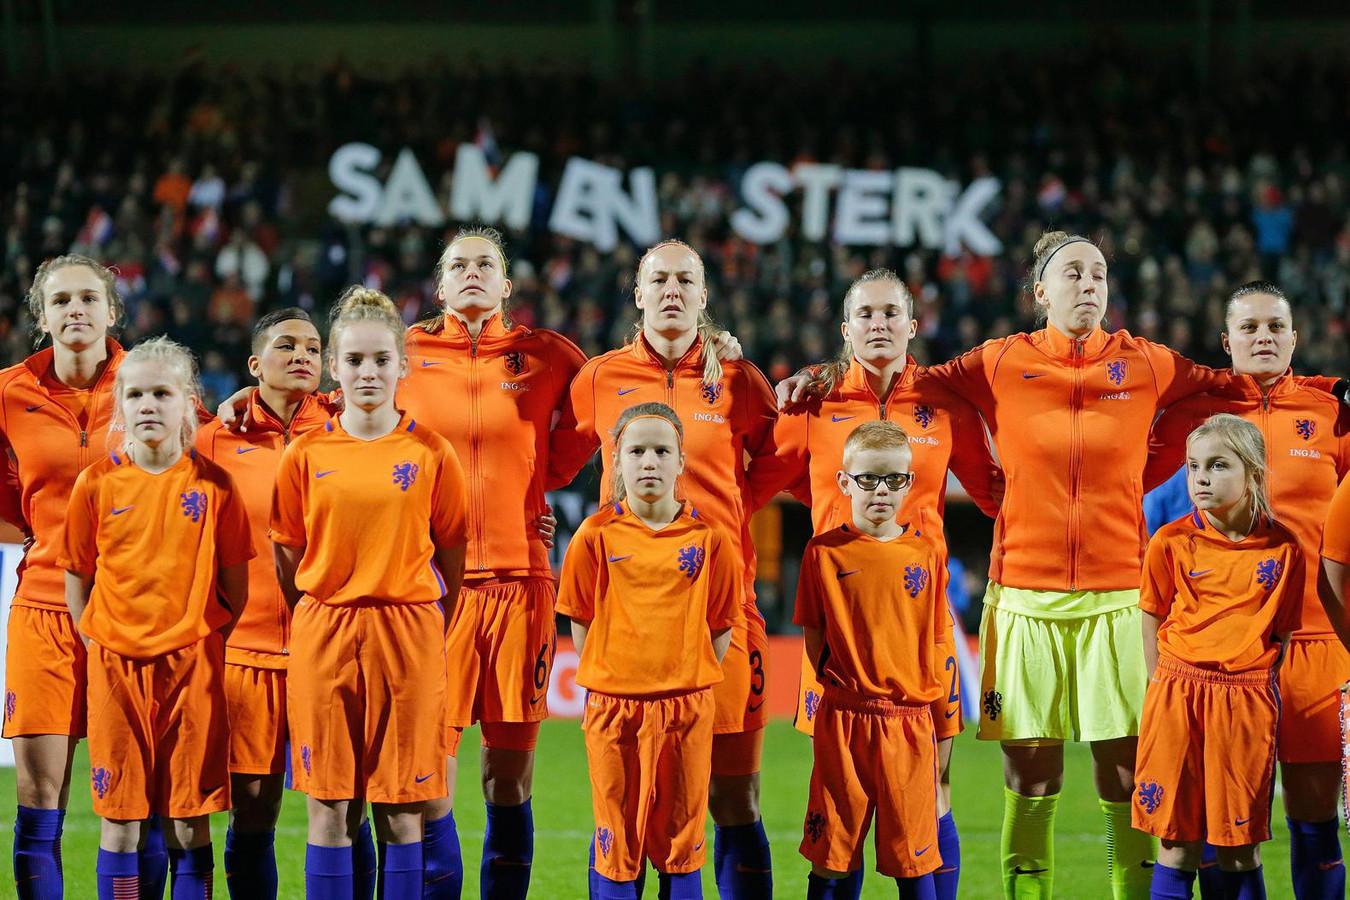 Afbeeldingsresultaat voor oranjeleeuwinnen volkslied